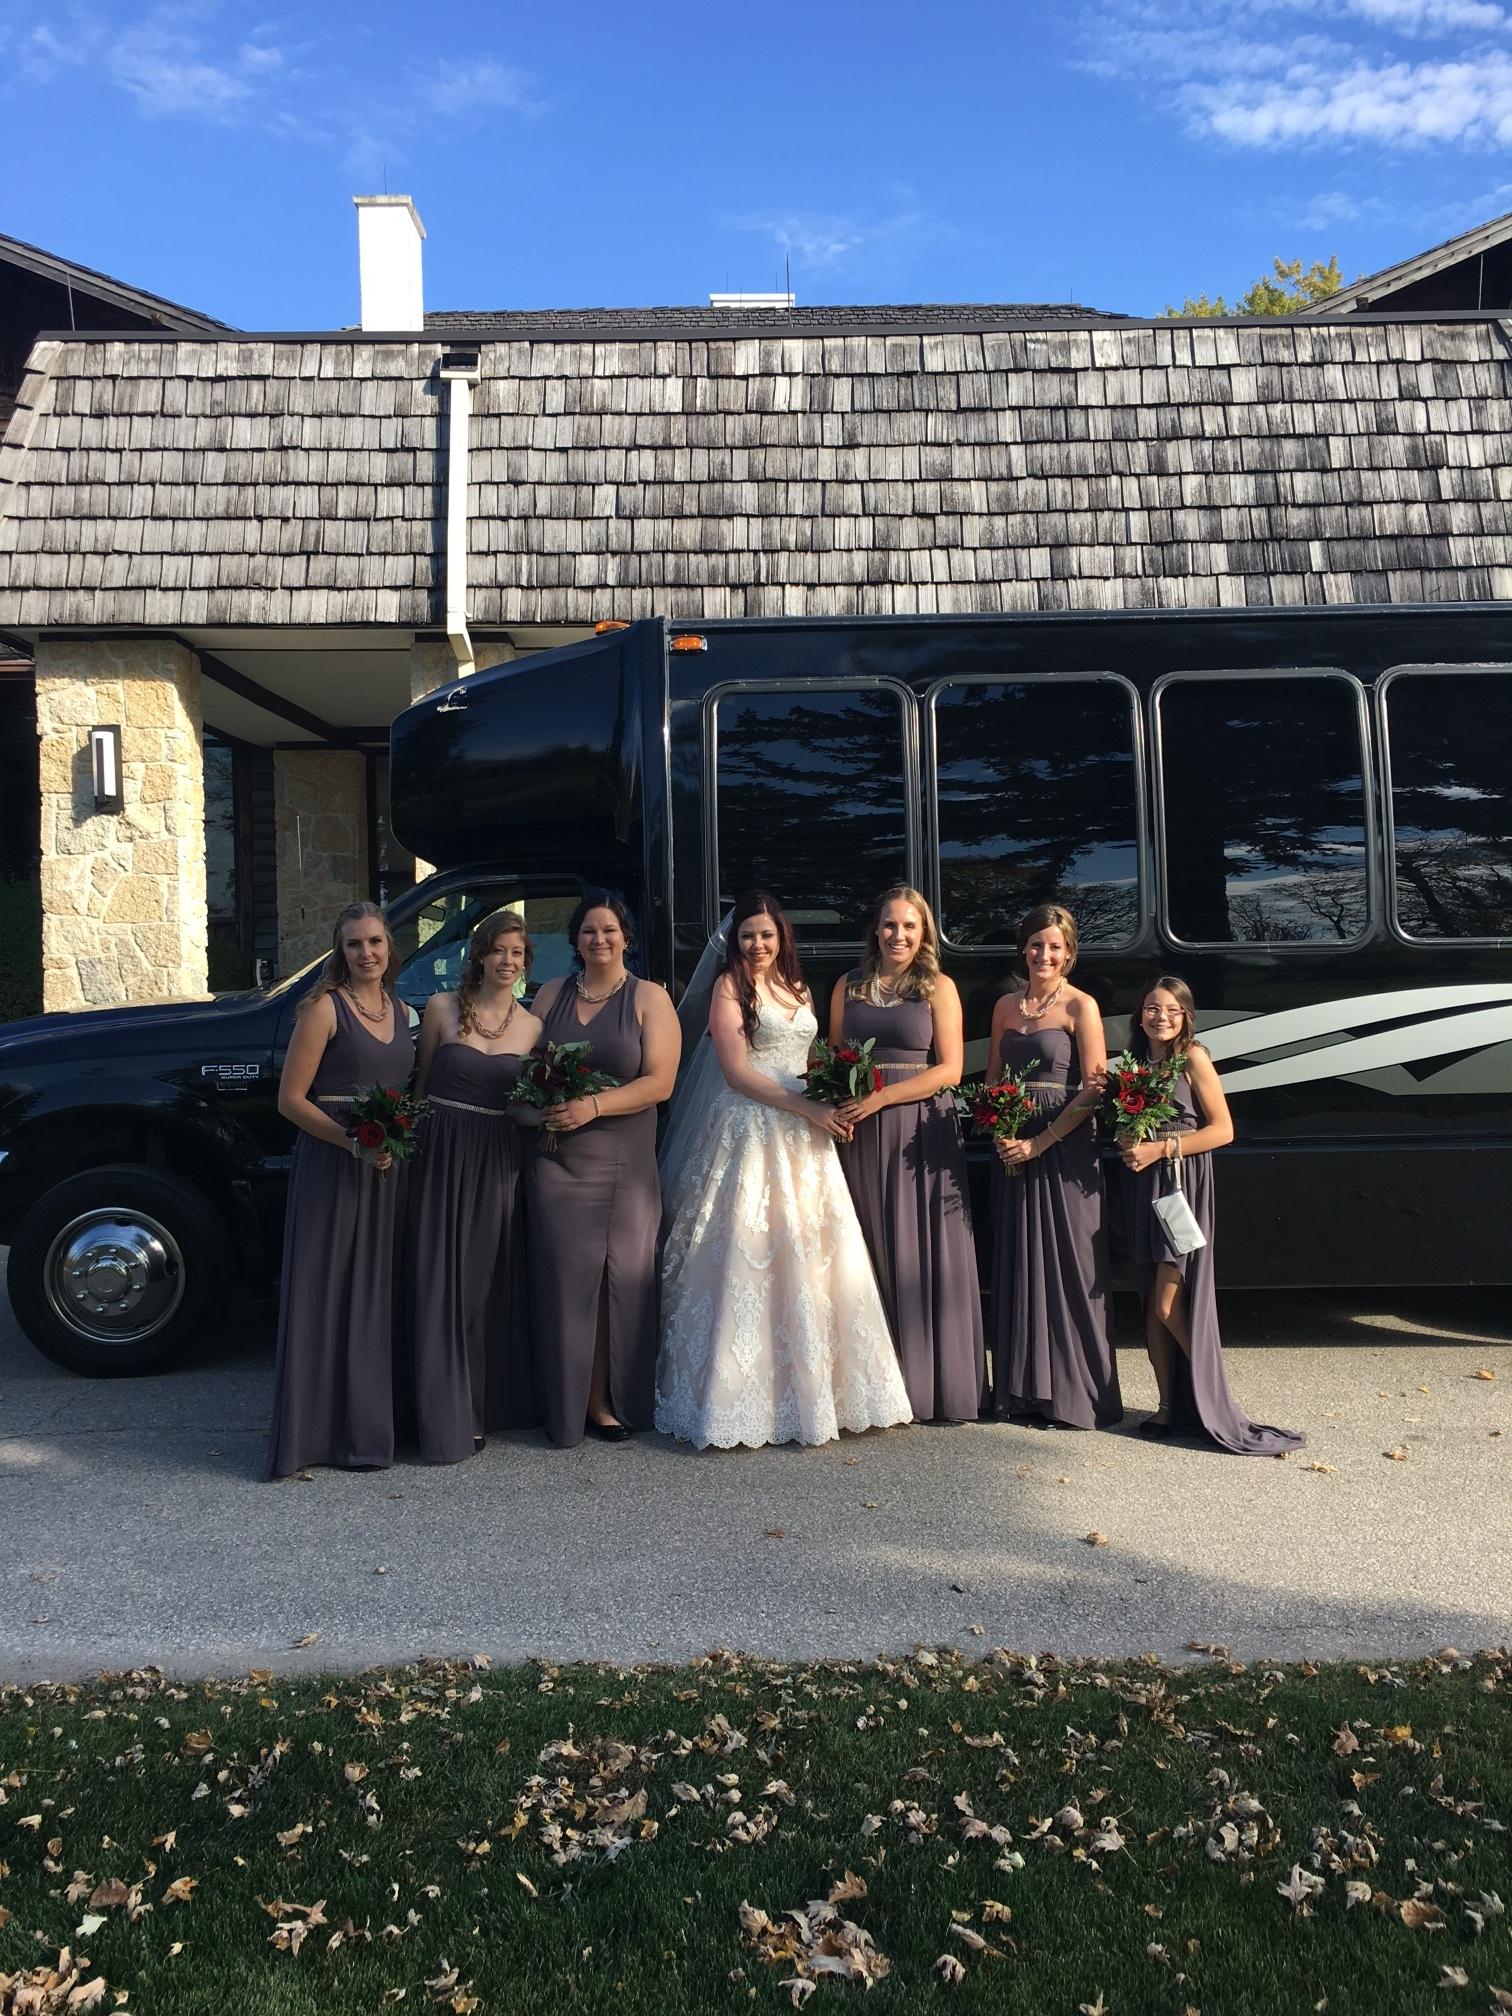 Alana and her bridesmaids